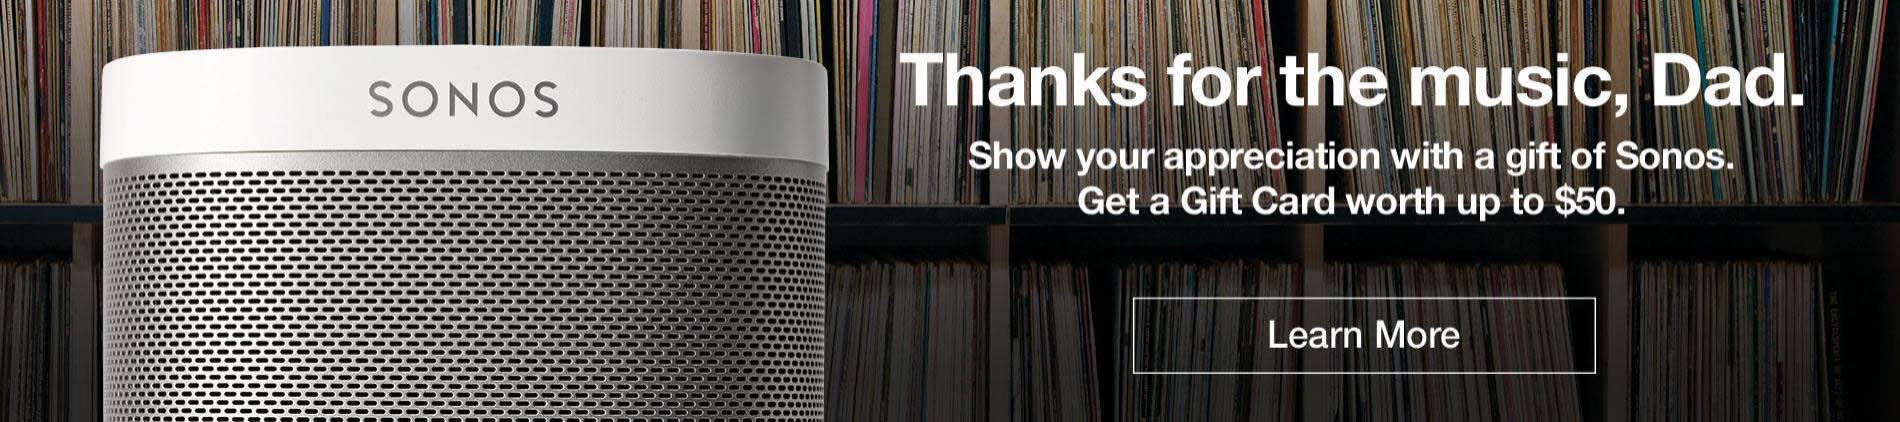 Sonos wireless music